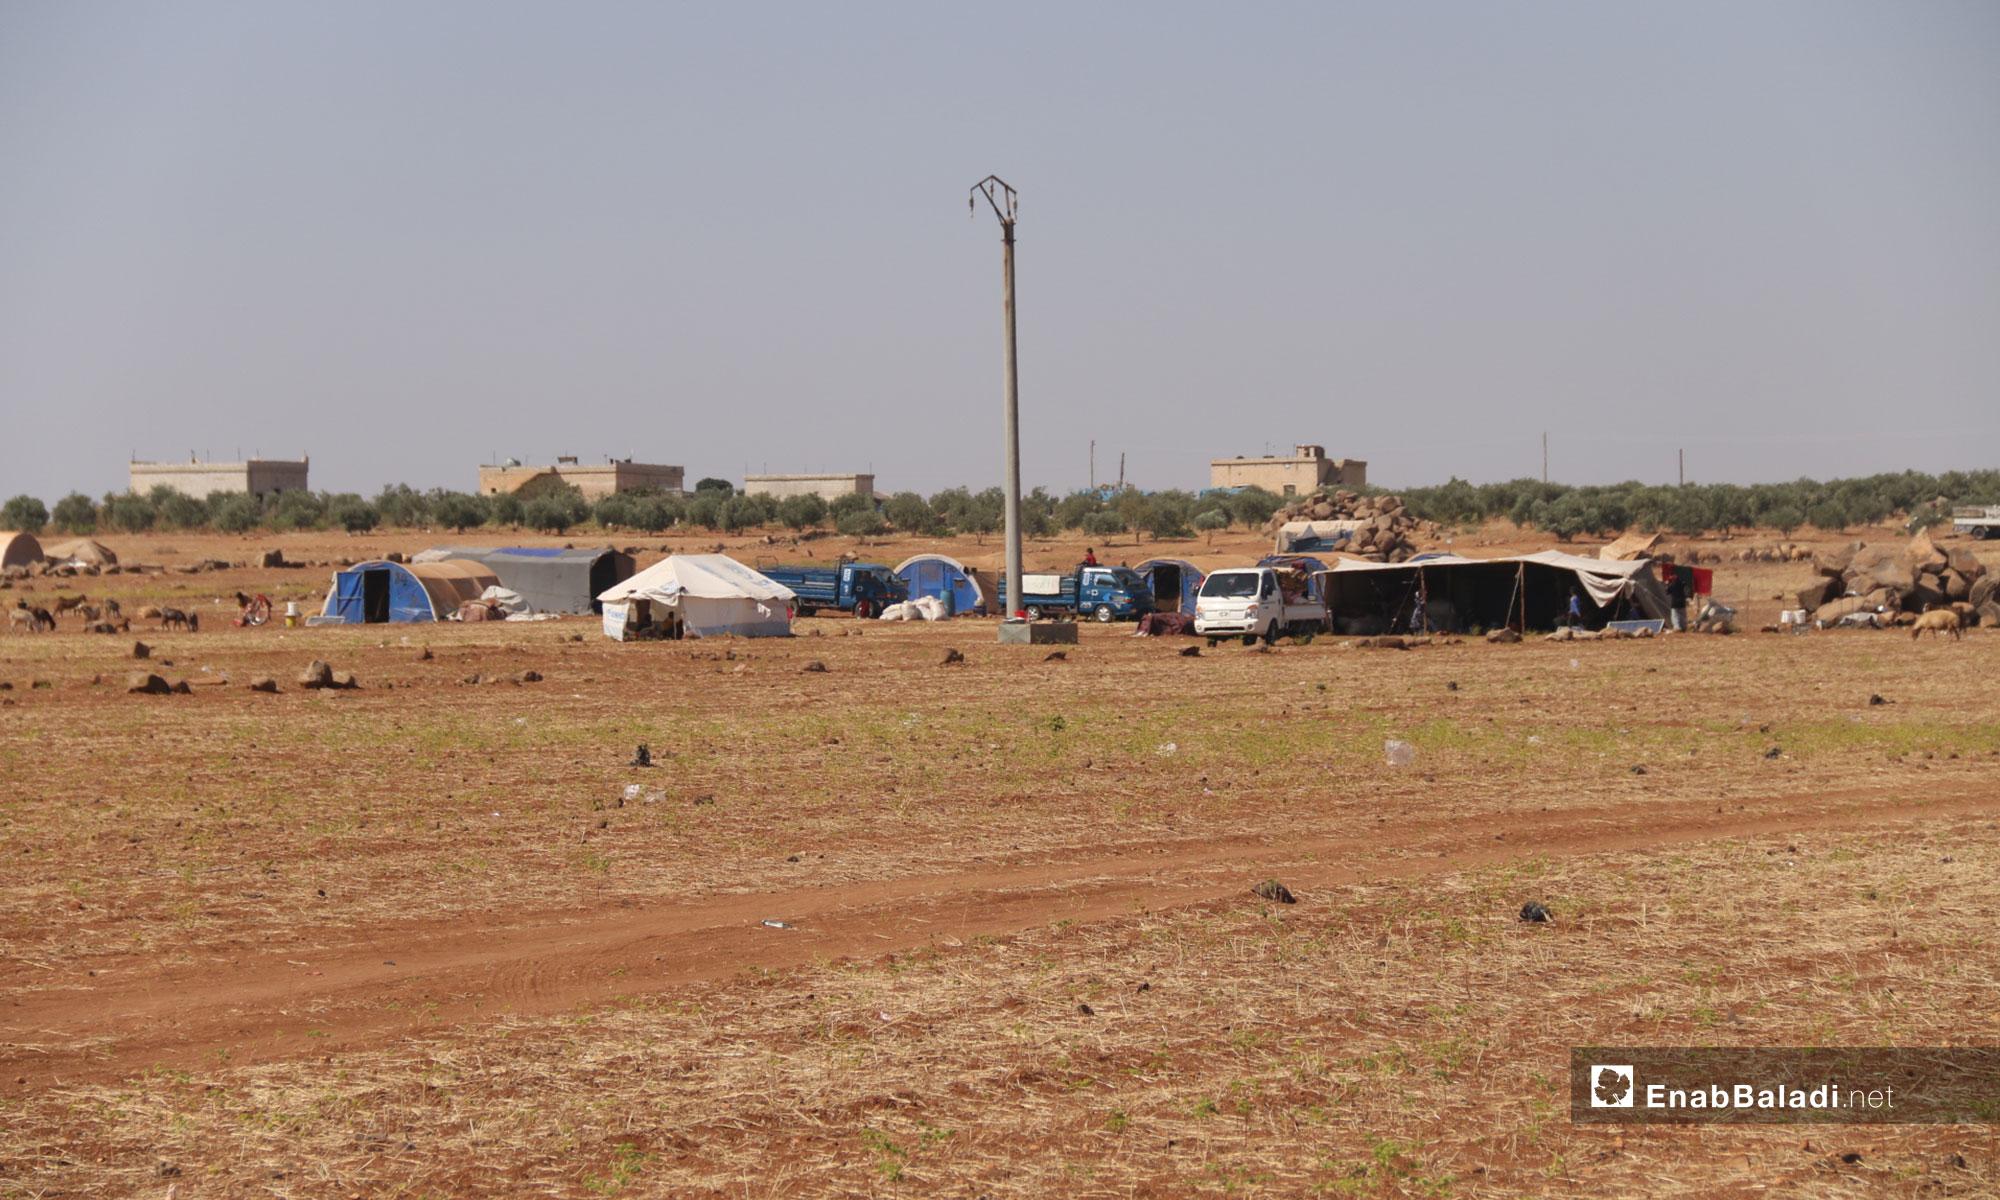 نزوح عائلات من ريف إدلب نتيجة القصف إلى قرية الصرمان قرب النقطة التركية في إدلب - 12 من أيلول 2018 (عنب بلدي)